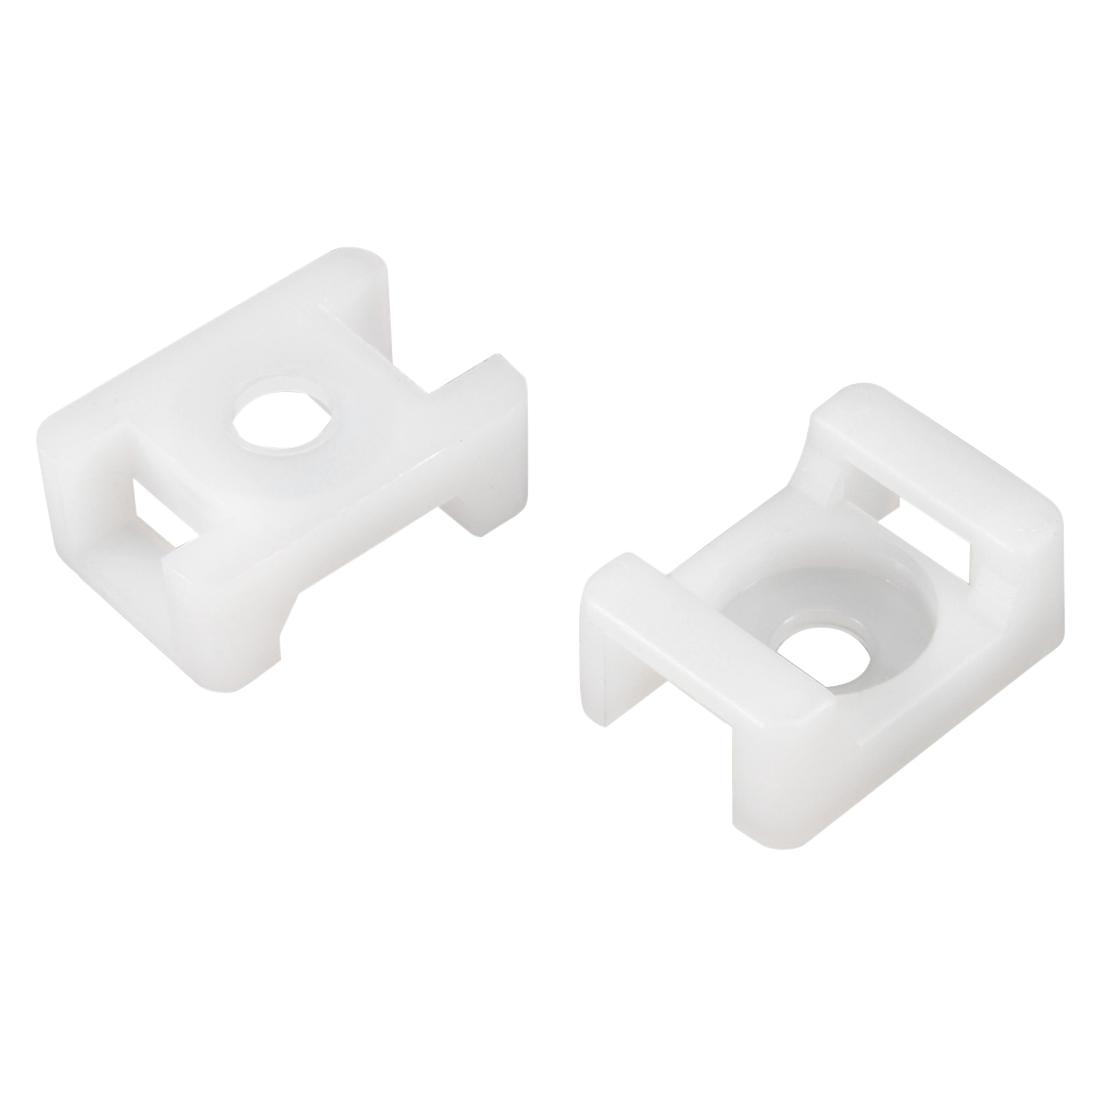 Cable Tie Base Saddle Type Wire Holder Nylon 9.2mm Hole Width White 50Pcs HC-2